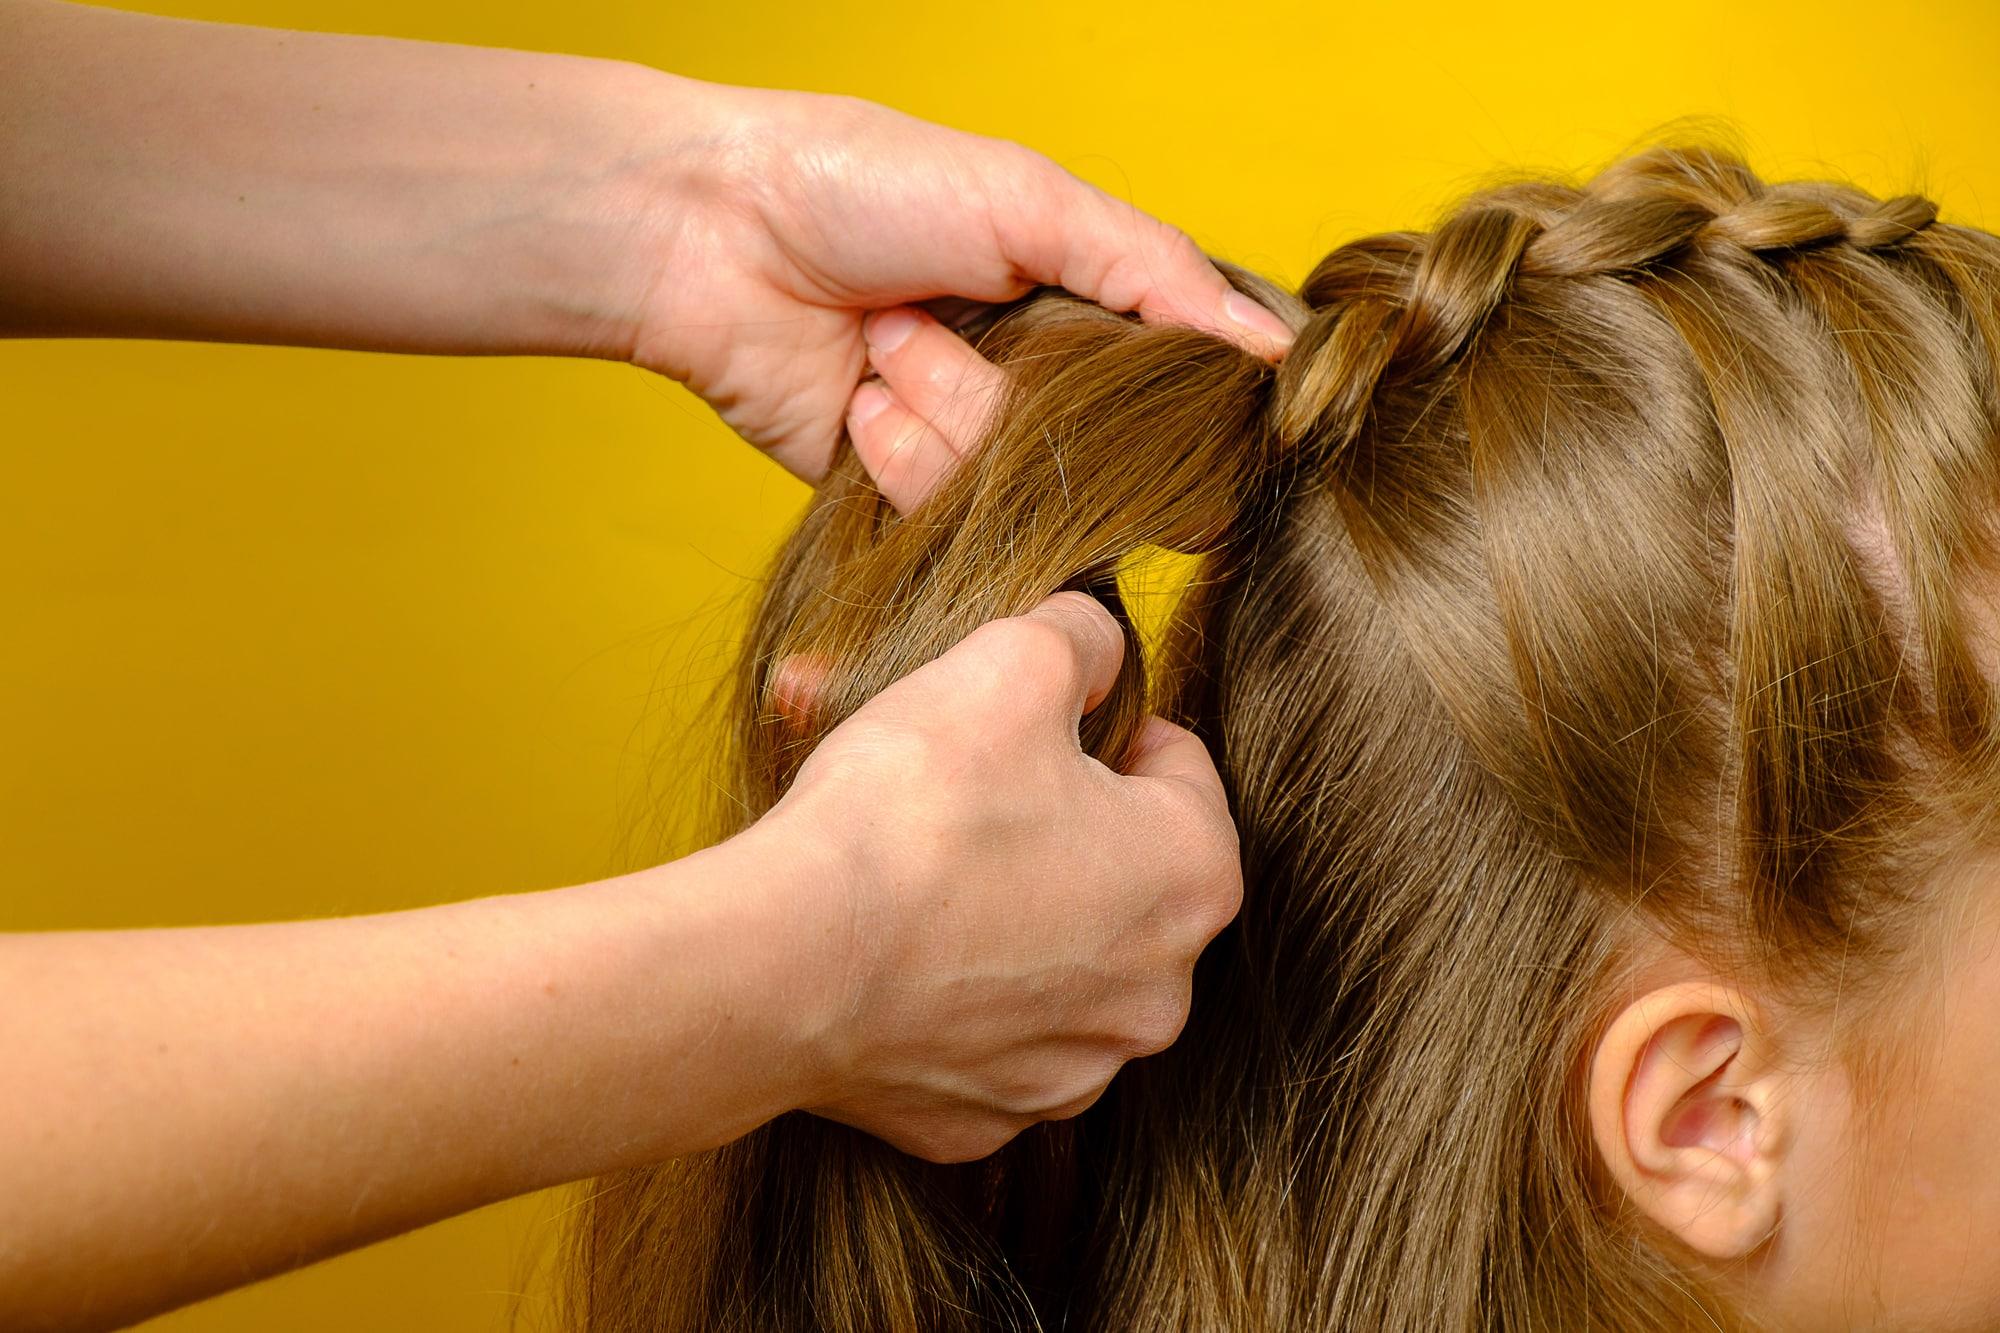 Flechtfrisuren: 14 tolle Styles für deine Haare » lernen.net